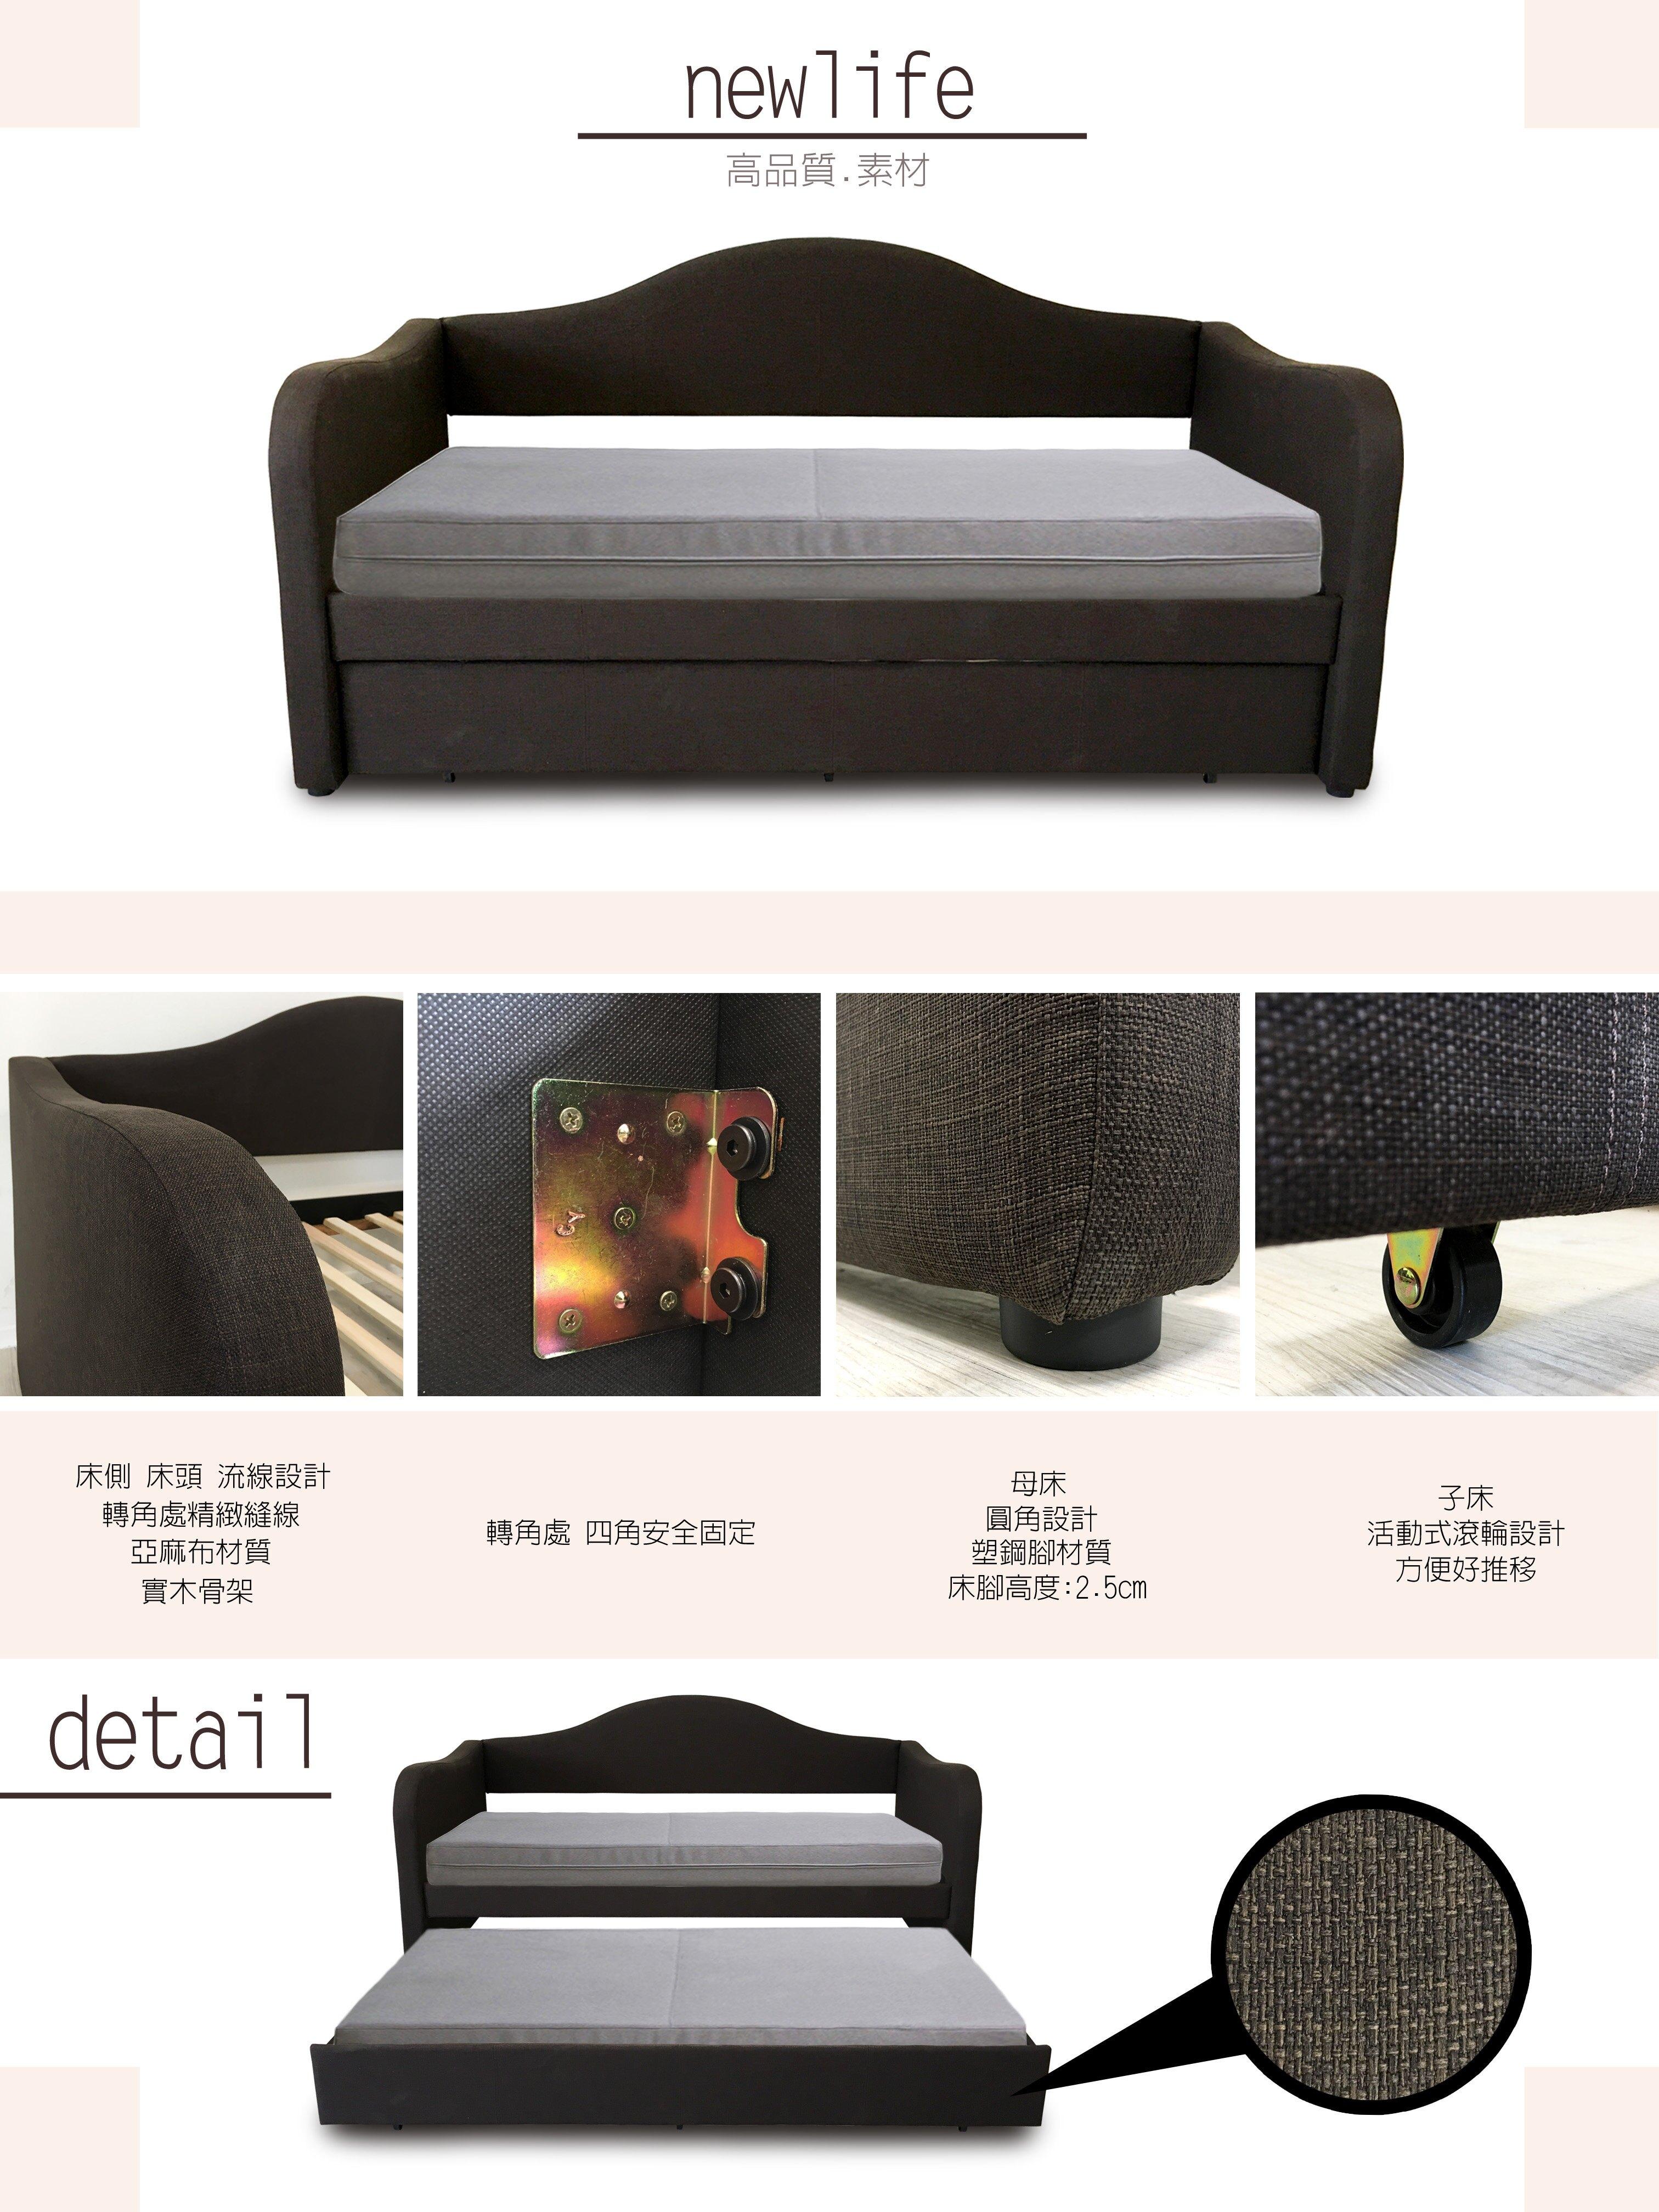 嵌入式 床架 雙層床 上下舖 兒童床 歐式 母子床 子床 母床 單人床 《舞動》 非 H&D ikea 宜家 !新生活家具! 樂天雙12